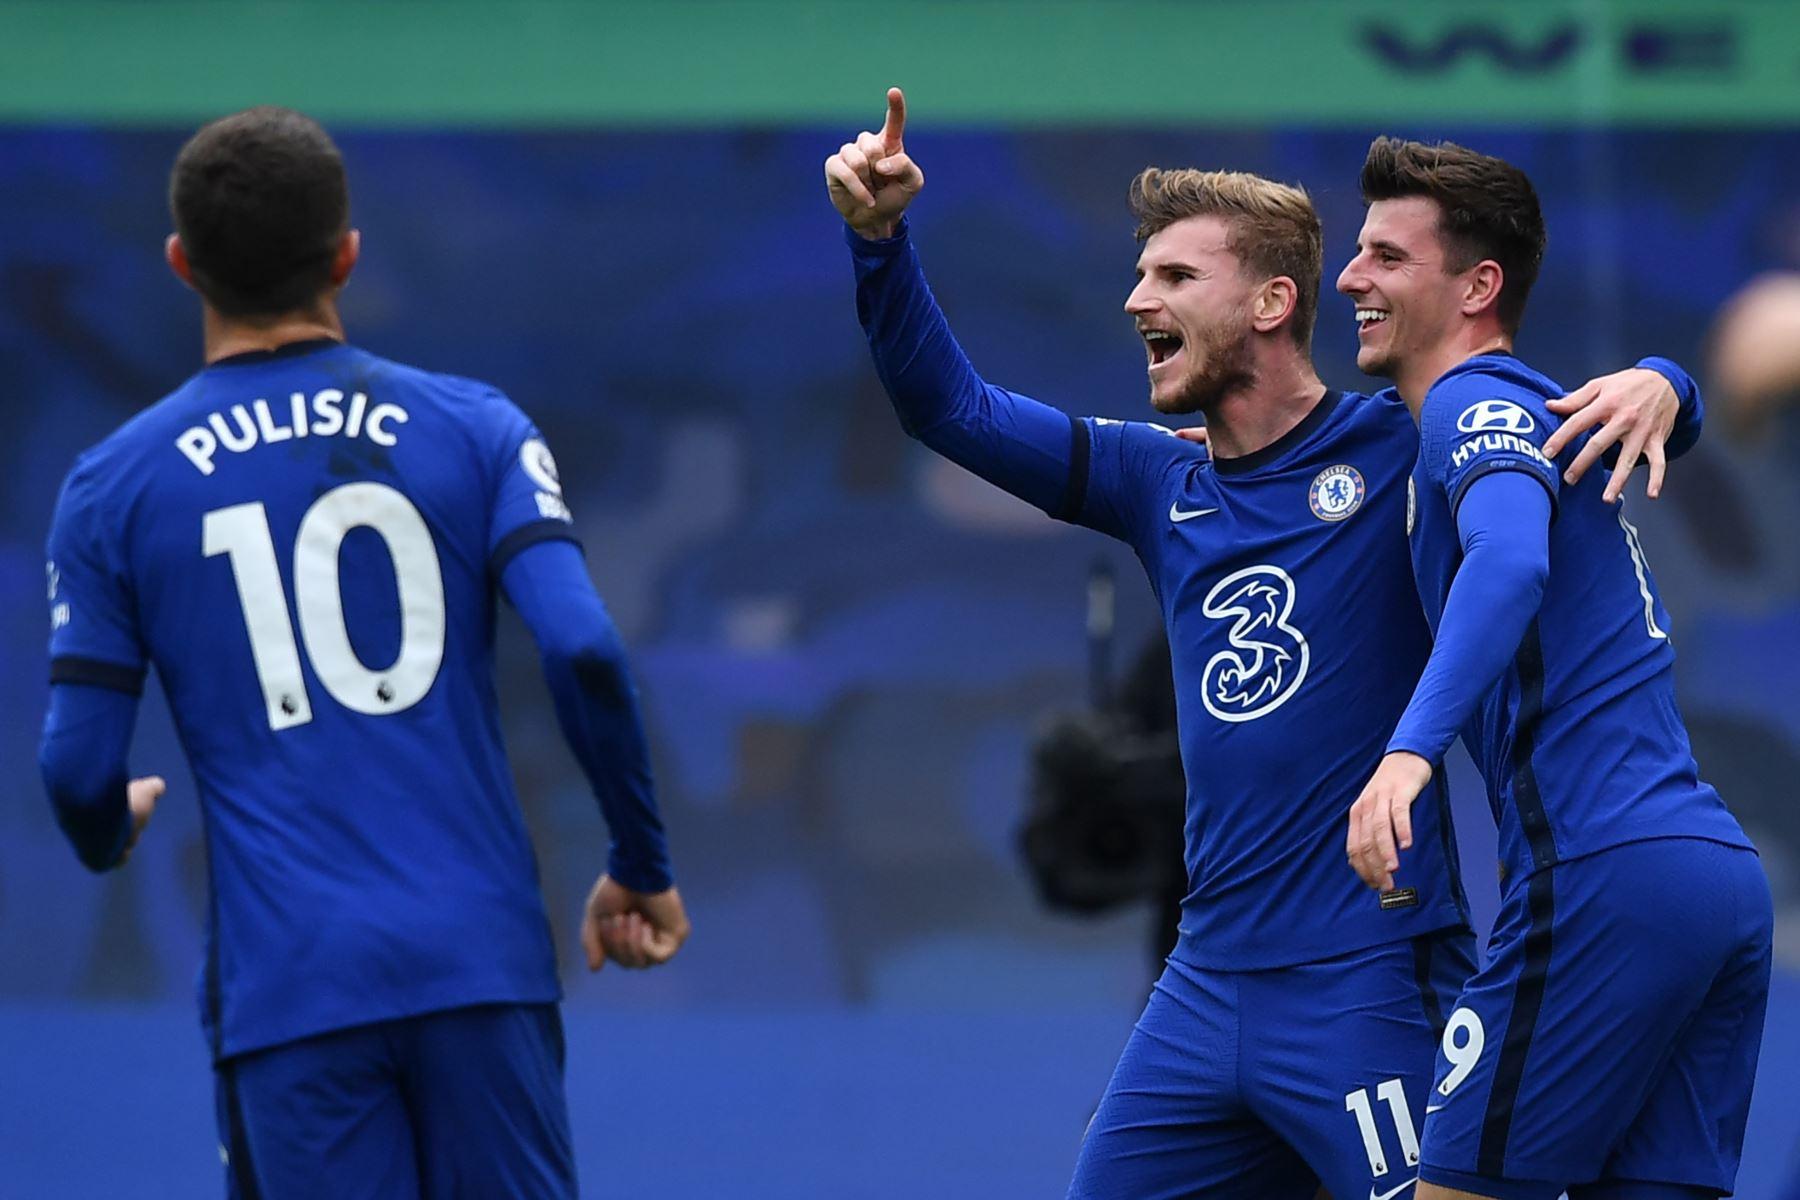 El delantero alemán del Chelsea, Timo Werner, celebra la puntuación durante el partido de fútbol de la Premier League inglesa entre Chelsea y Southampton en Stamford Bridge, Londres. Foto: AFP